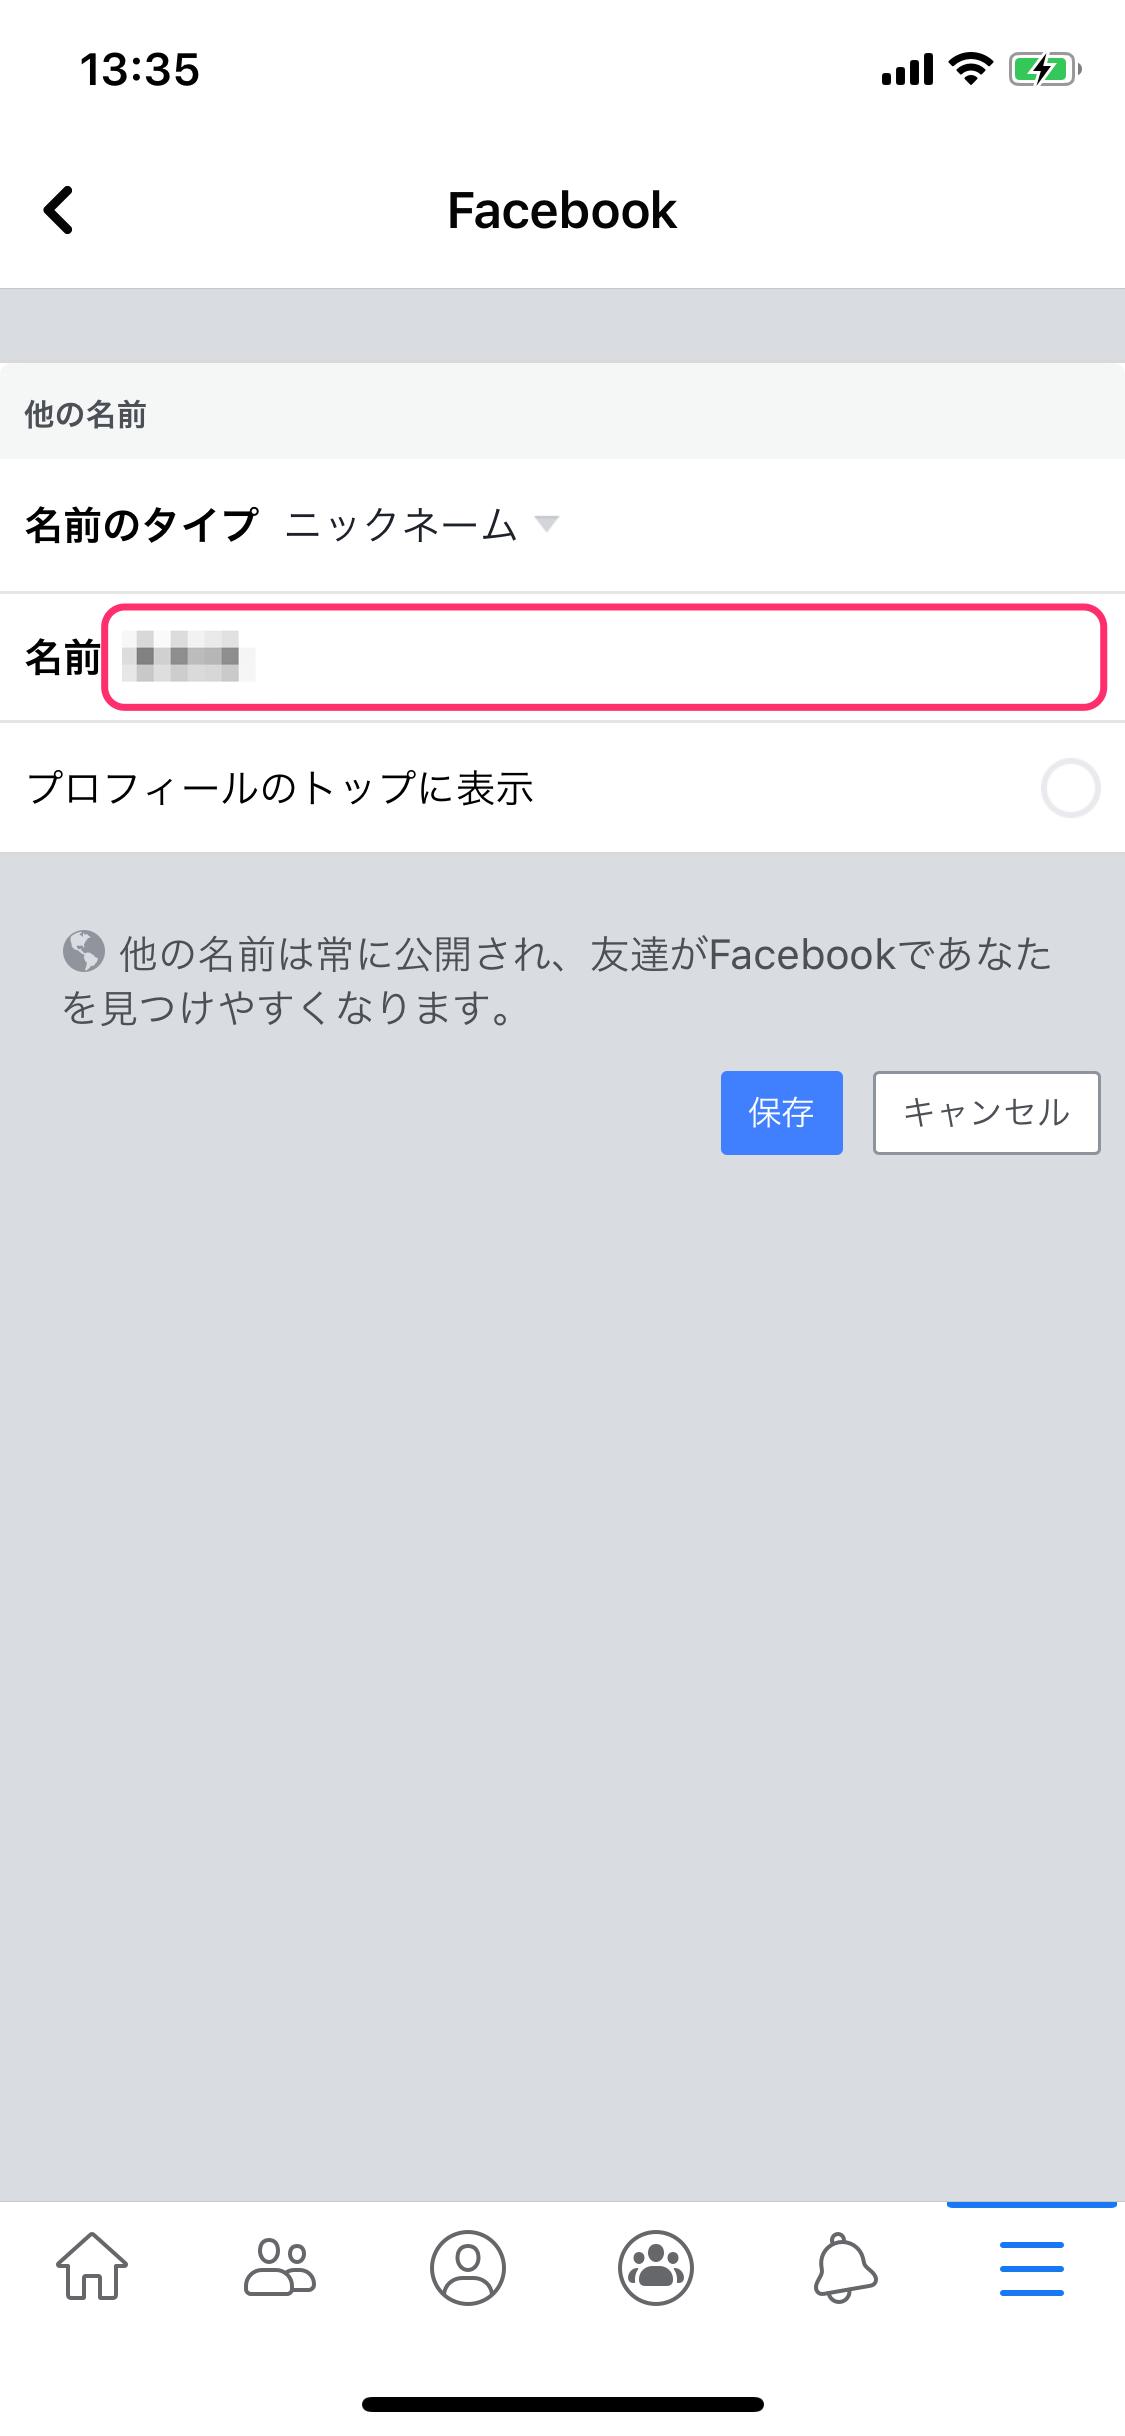 Facebook 他の名前